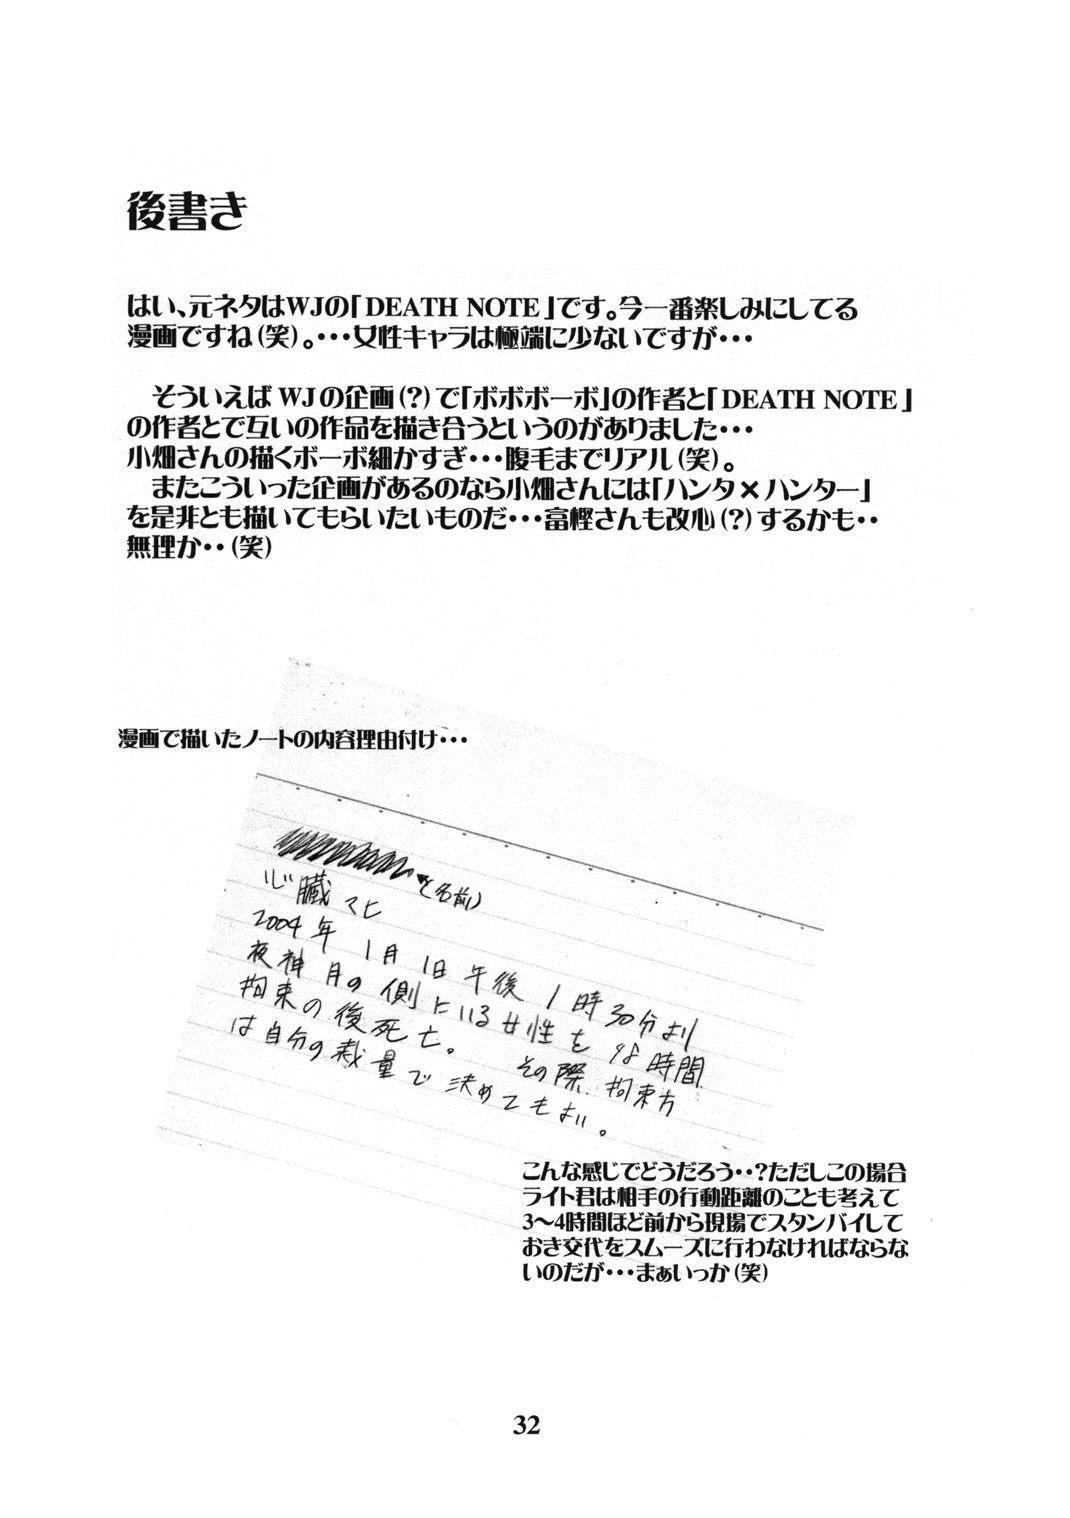 (CR35) [P-FOREST (Hozumi Takashi)] Maki Shouko(Gimei) Misora Naomi (Death Note) 30